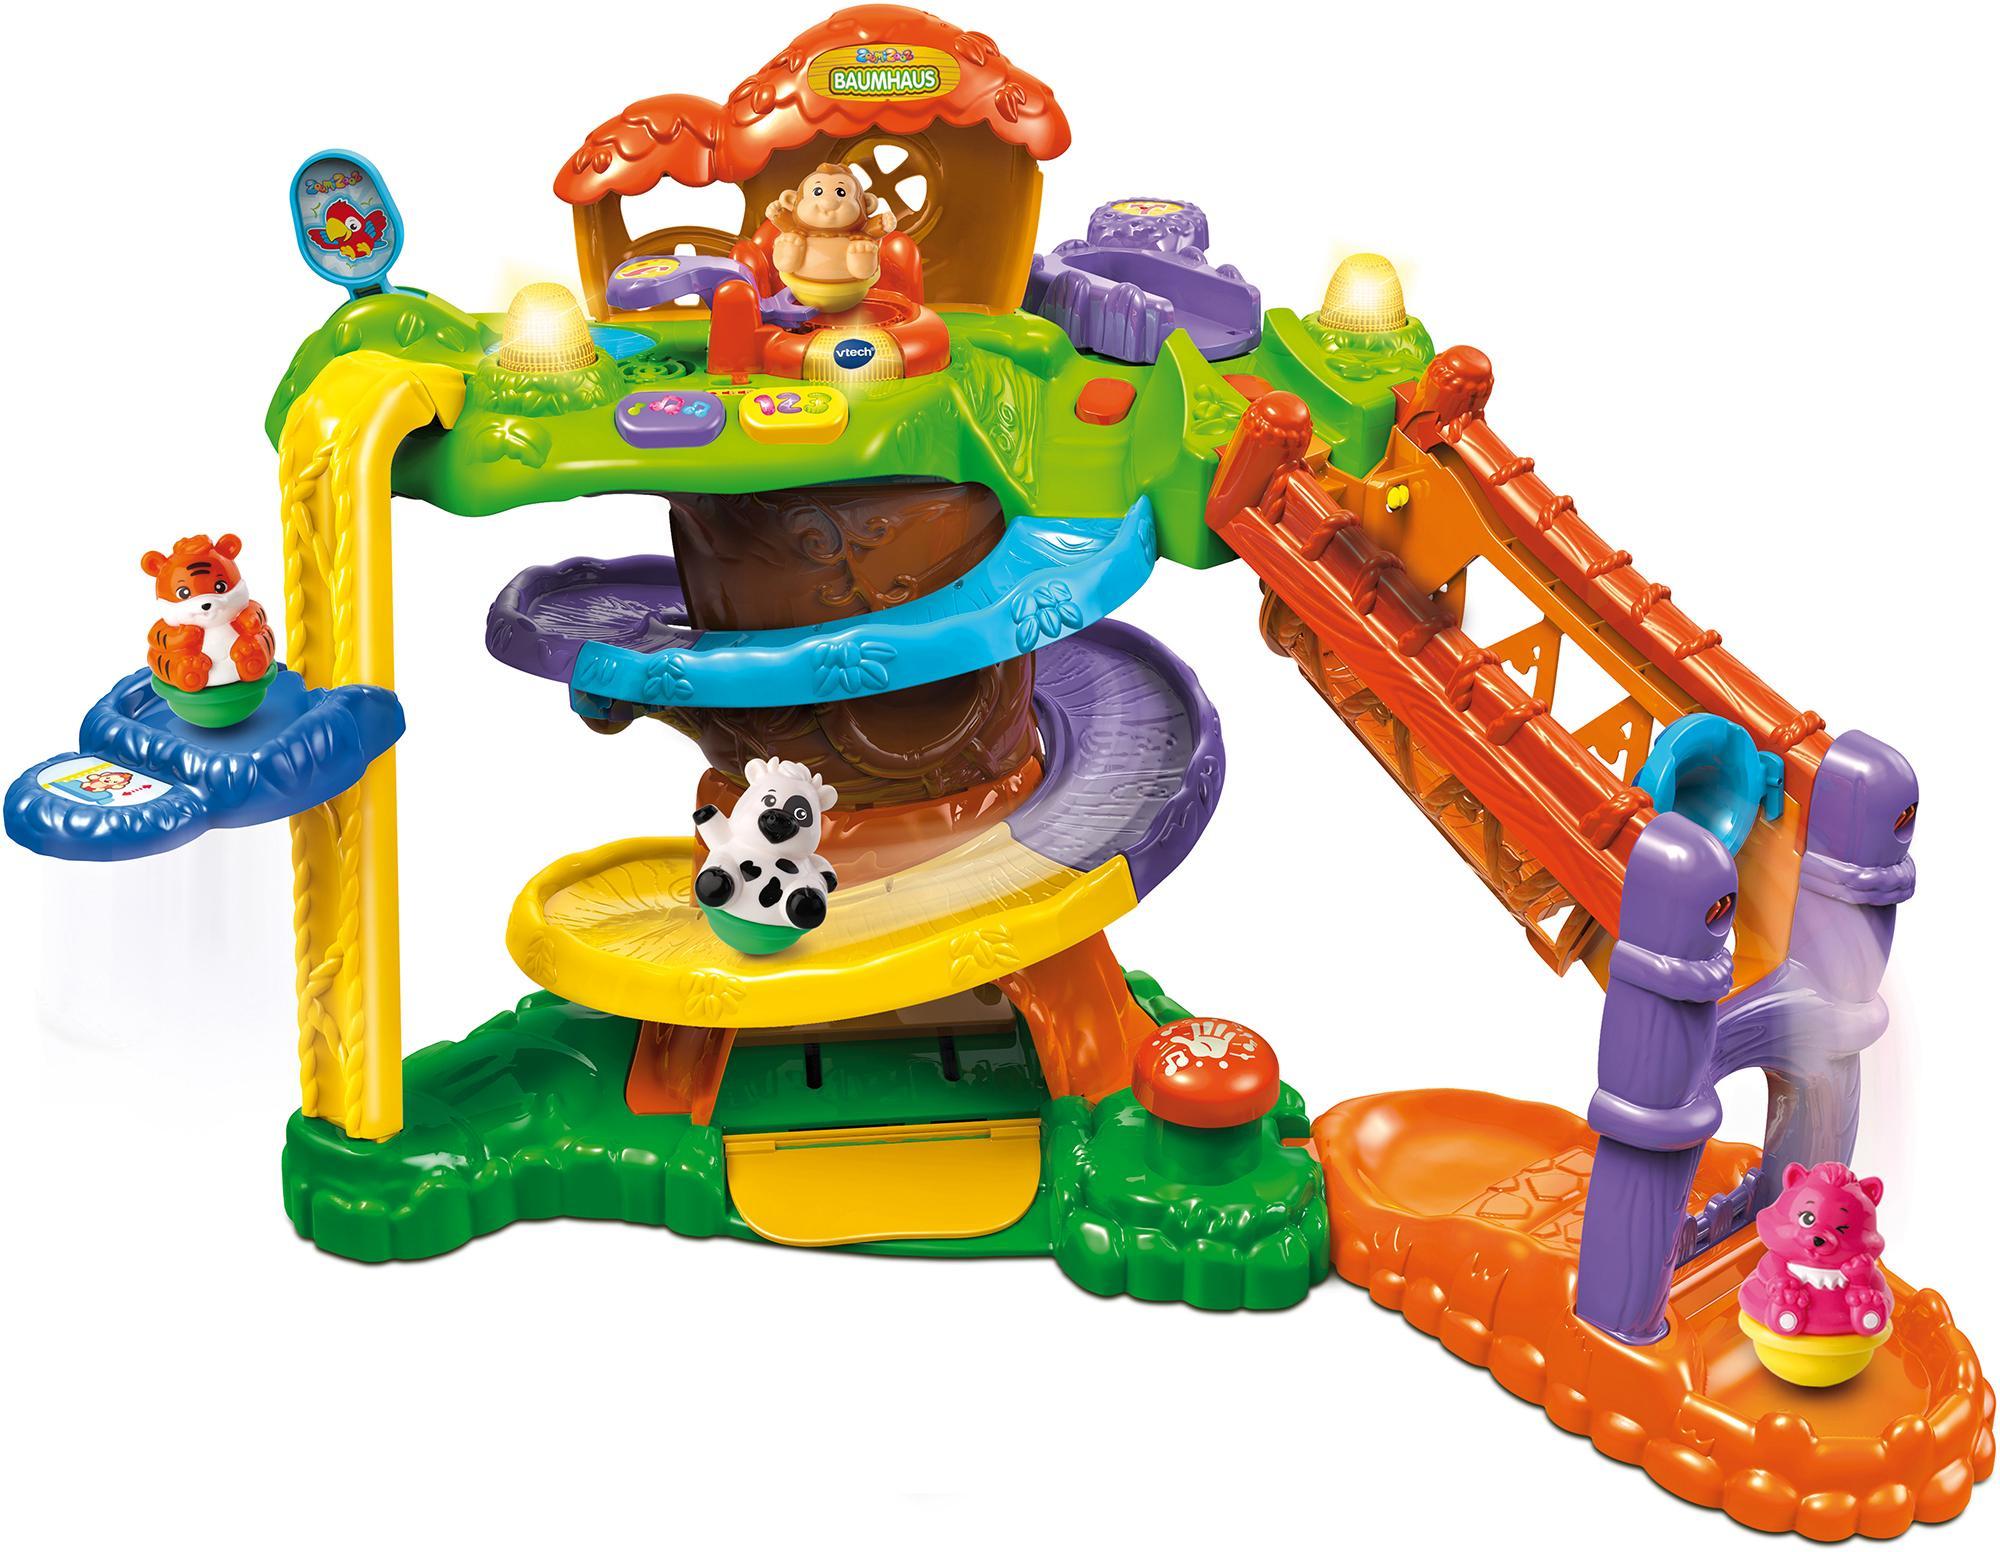 """Vtech Spiel-Parkgarage """"ZoomiZooz - Baumhaus"""" Kindermode/Spielzeug/Autos, Eisenbahn & Modellbau/Spielzeugautos/Zubehör für Spielzeugautos"""